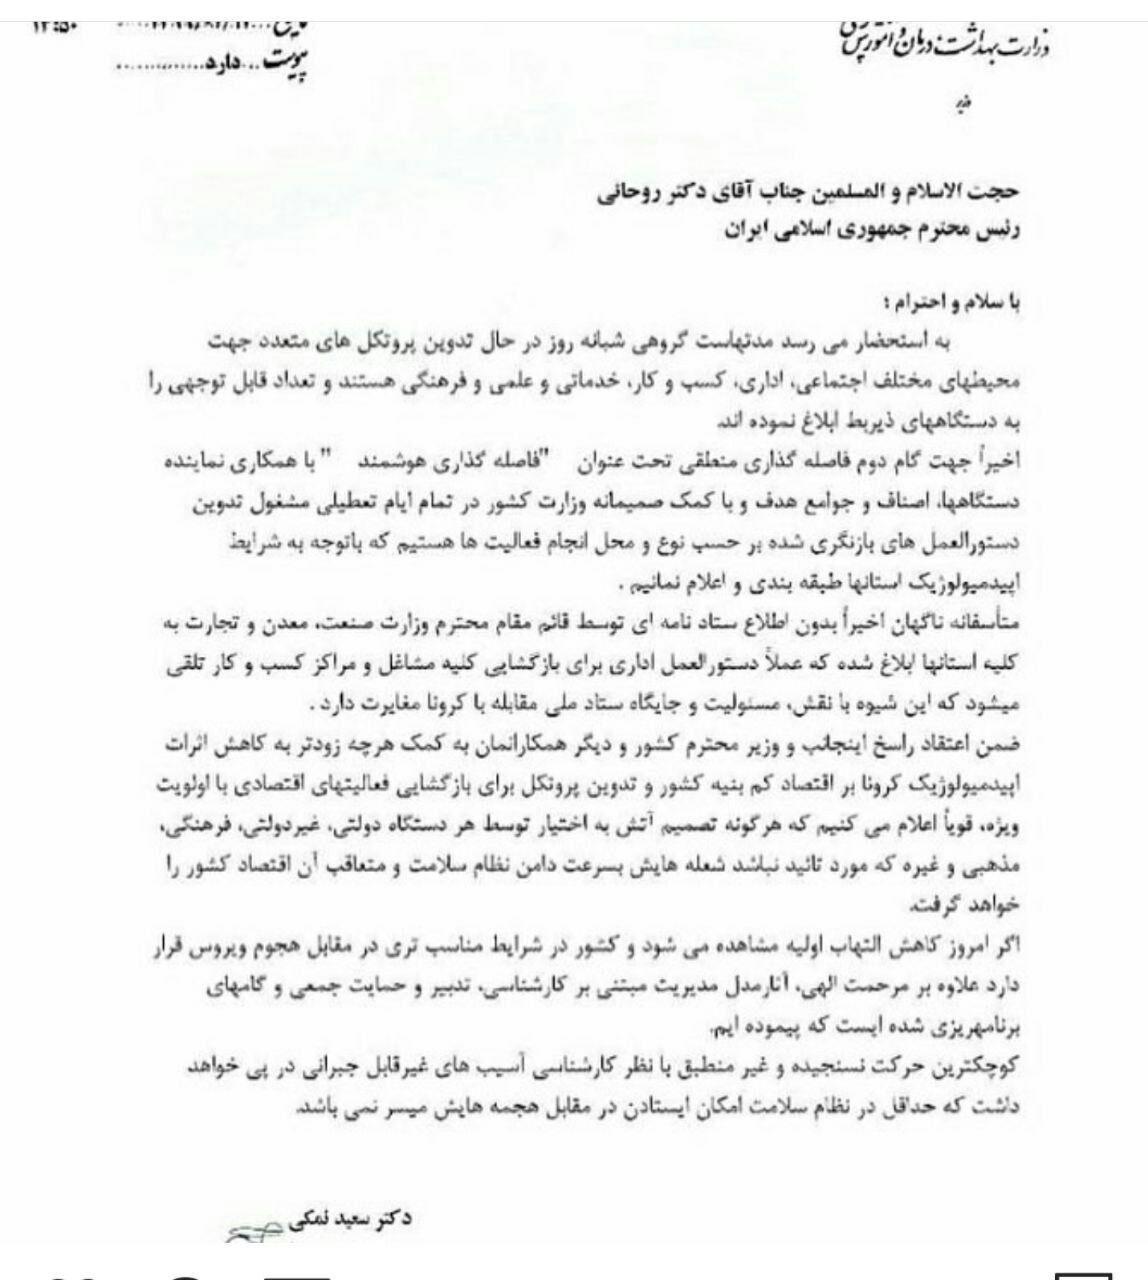 نامه هشدارآمیز وزیر بهداشت خطاب به رئیس جمهور